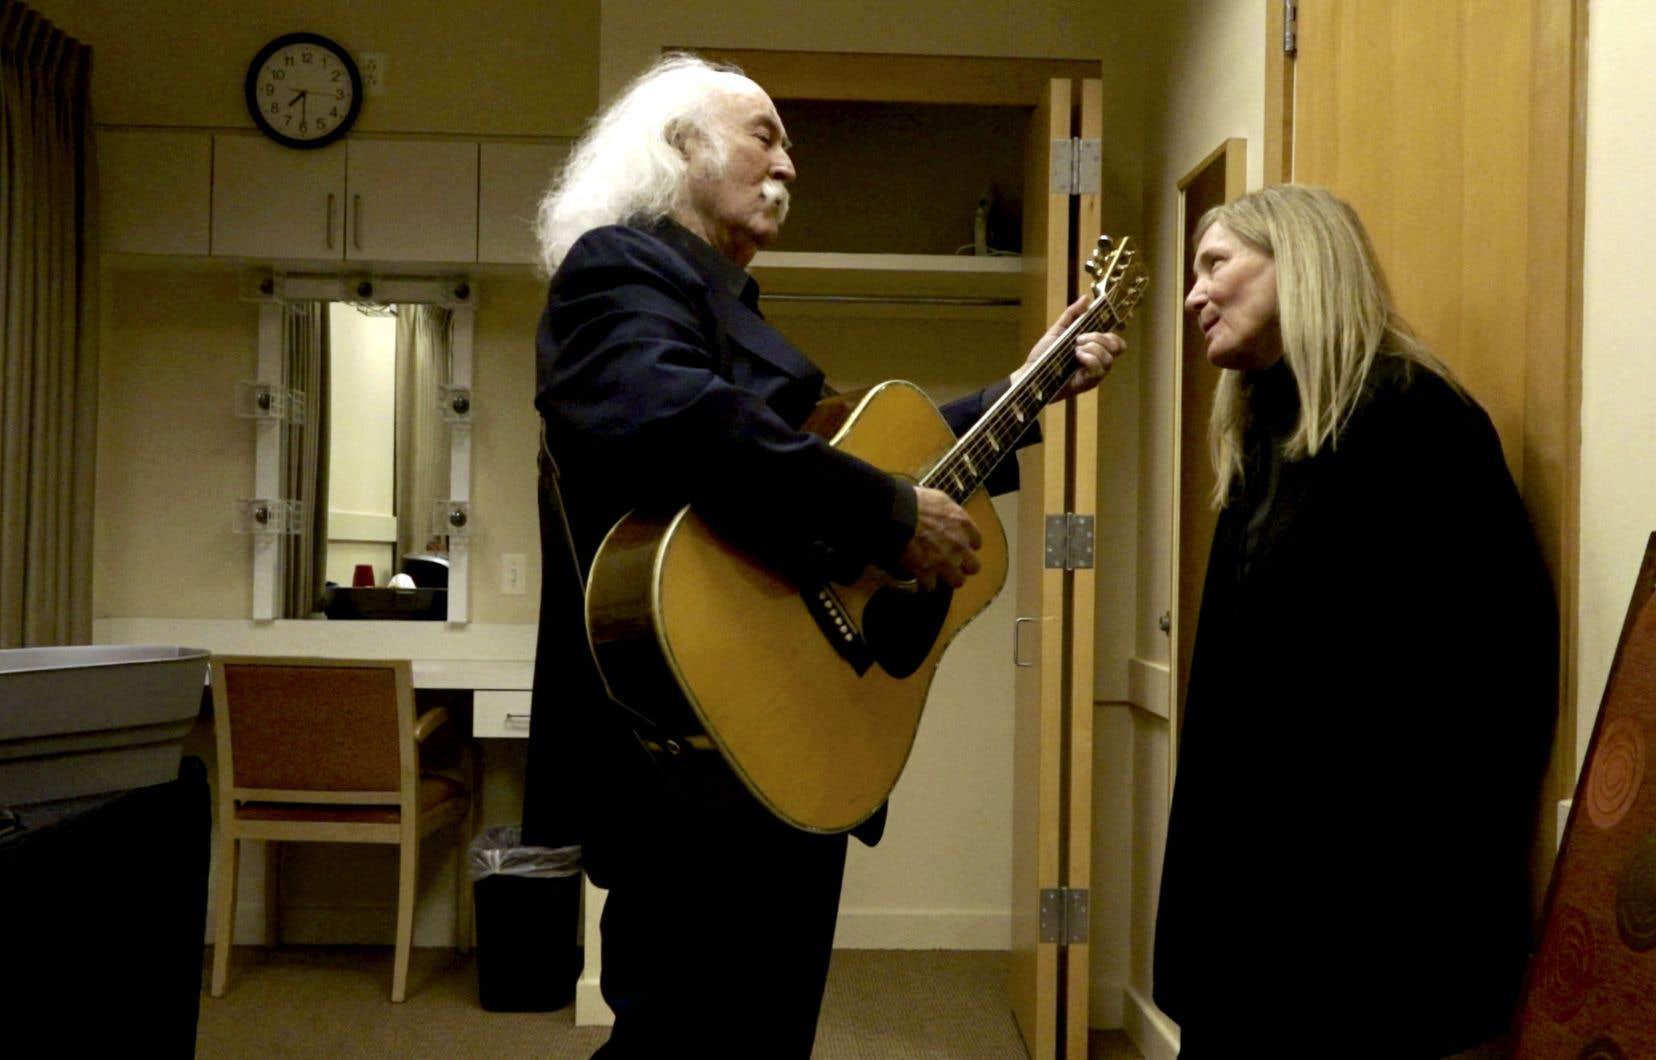 La voix angélique de David Crosby a survécu par miracle, malgré ses abus du passé et sa condition de diabétique qui font sourciller.